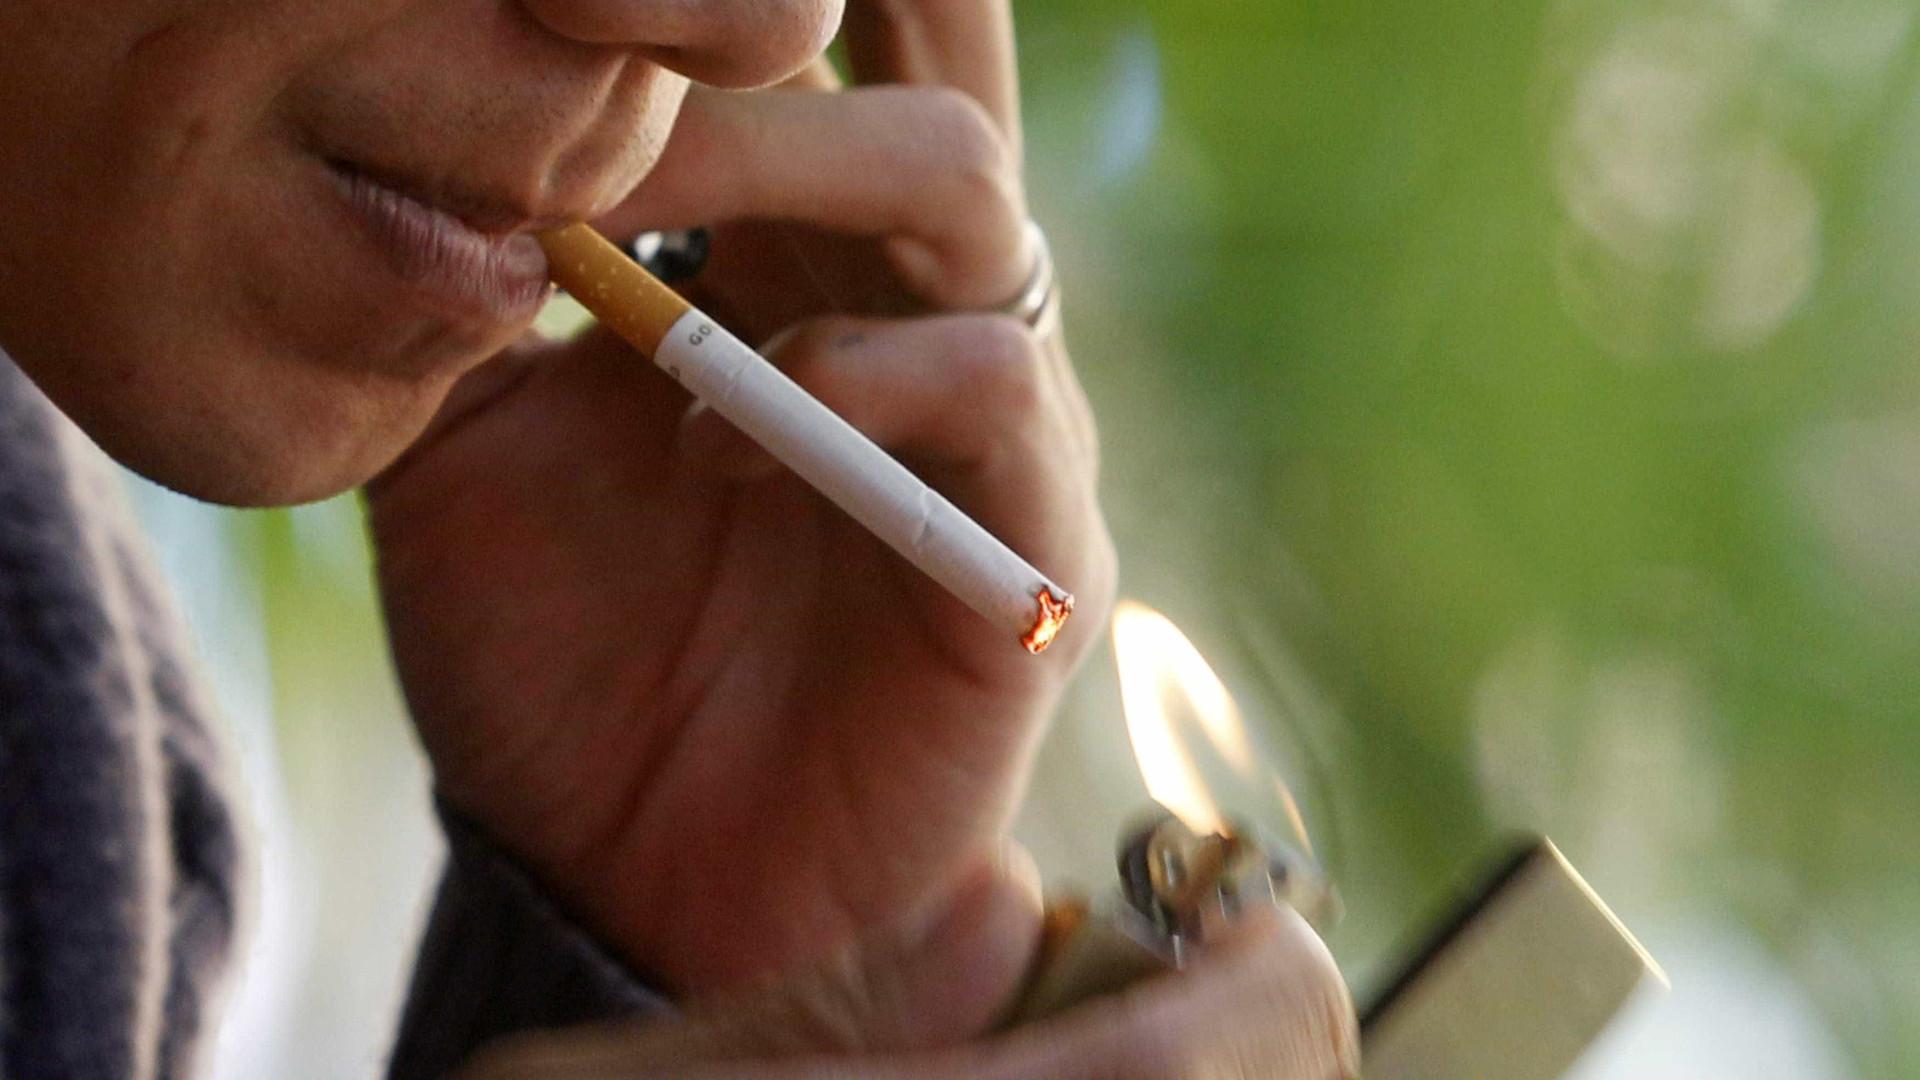 Partido Comunista chinês proíbe funcionários de fumar em público